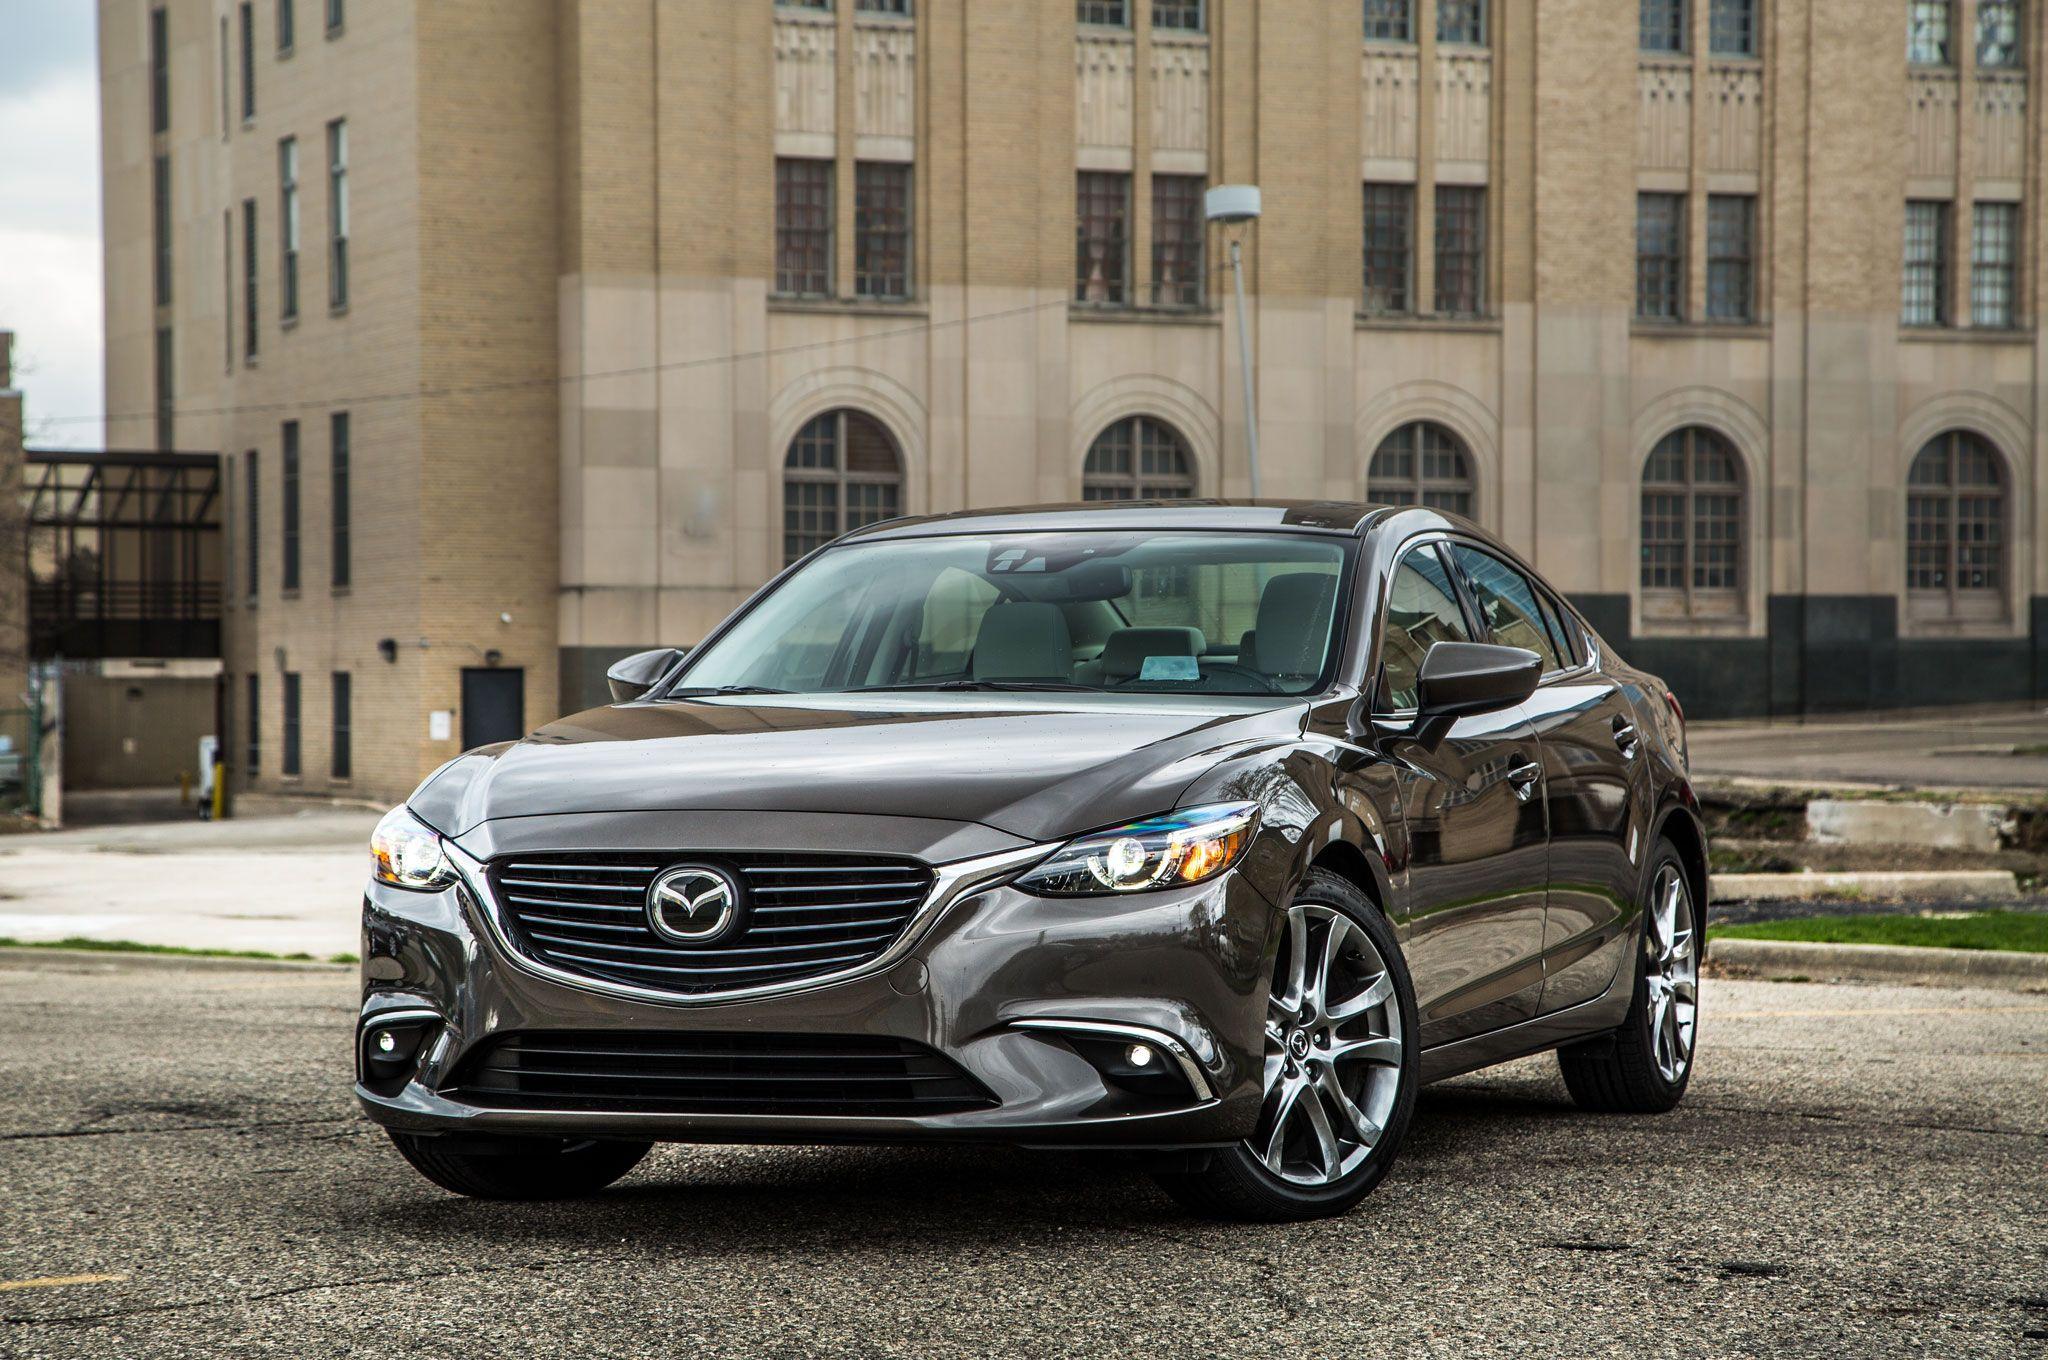 Kelebihan Kekurangan Mazda 6 2016 Tangguh